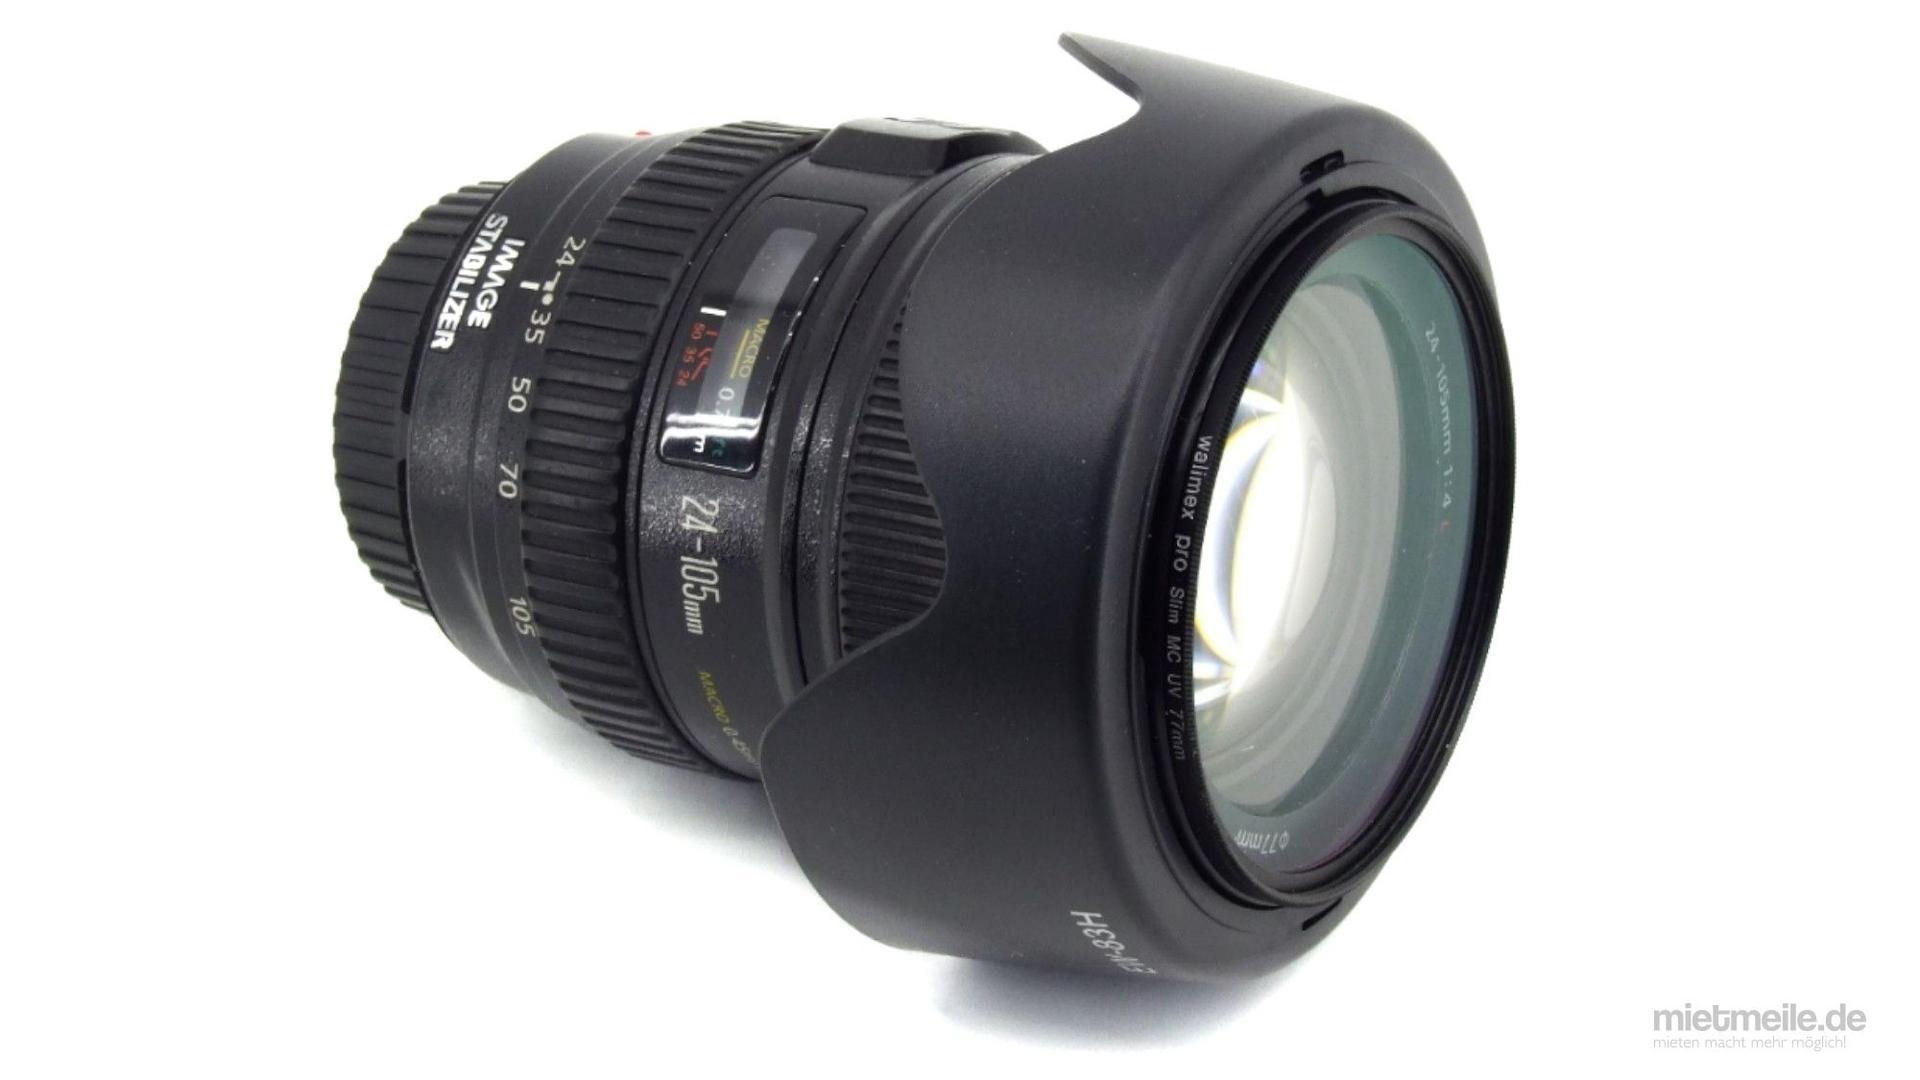 Objektive mieten & vermieten - Objektiv Canon EF 24-105mm f/4L IS USM in Schkeuditz